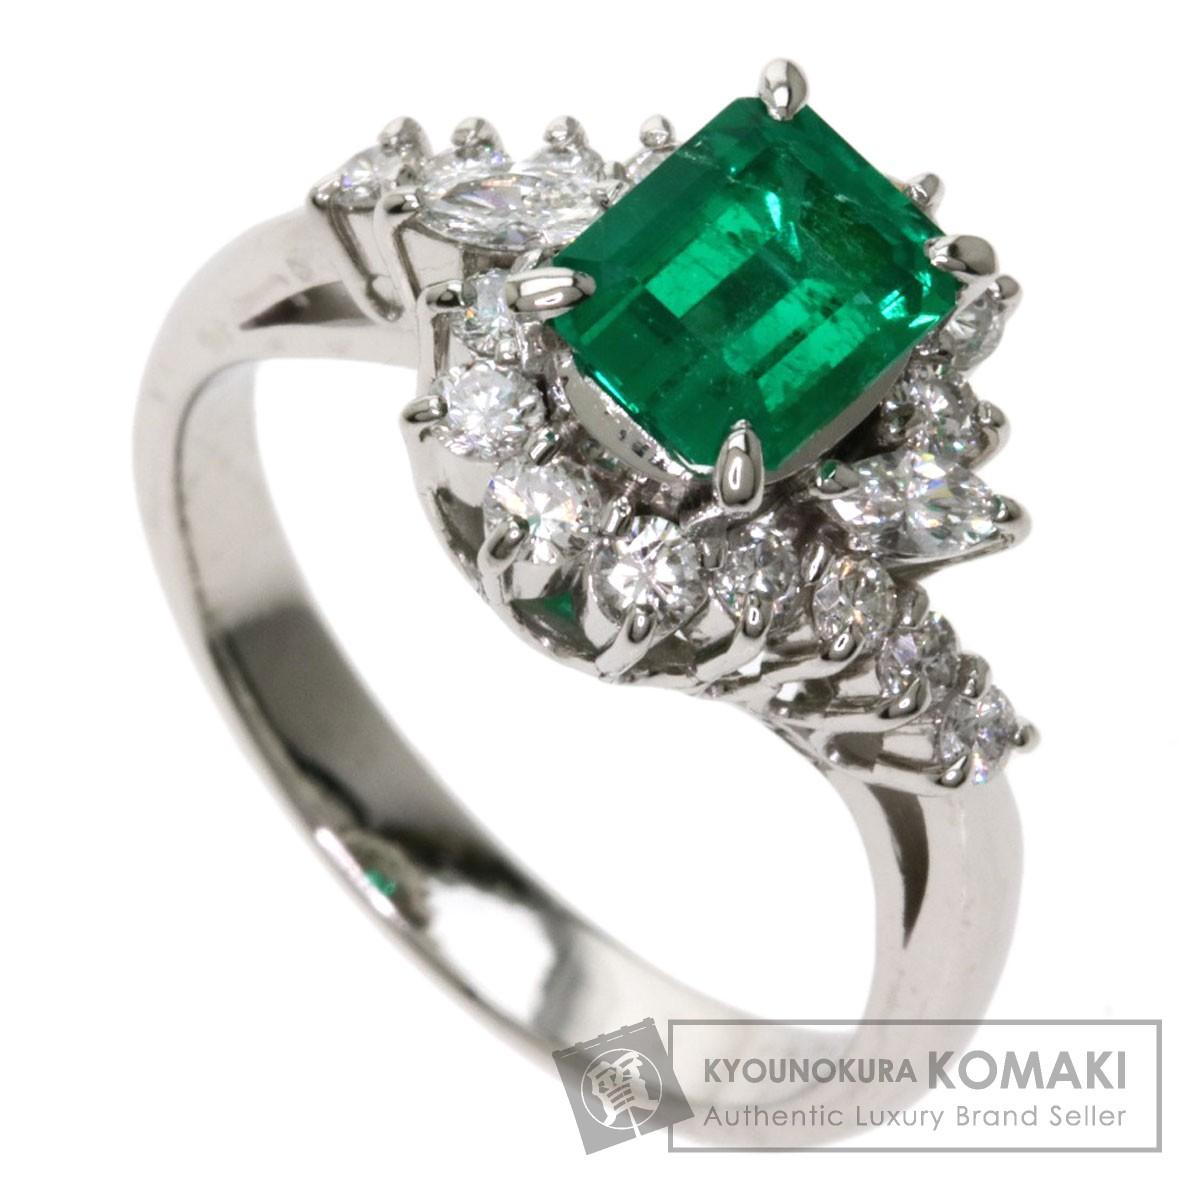 0.88ct エメラルド ダイヤモンド リング・指輪 プラチナPT900 6.7g レディース 【中古】